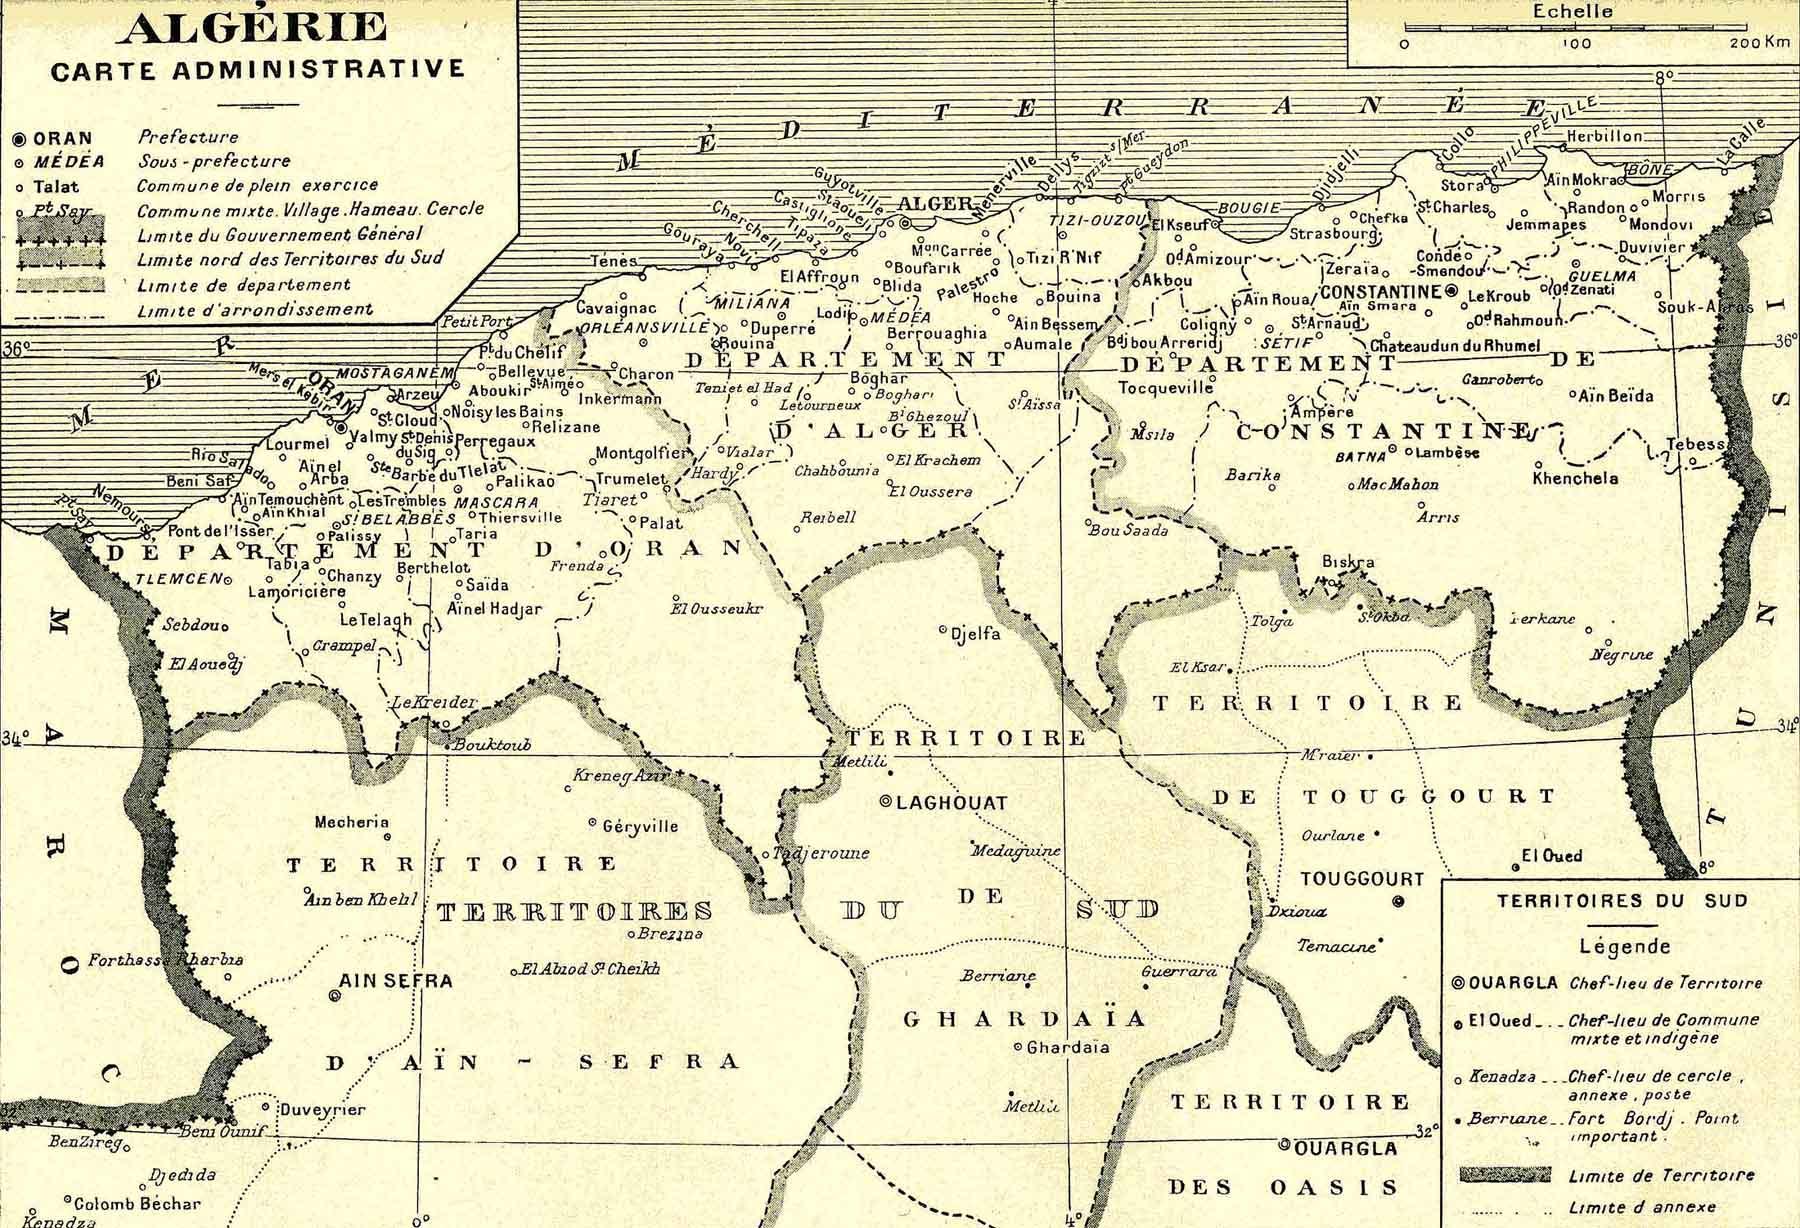 Carte Geographique De Lalgerie.Bienvenue C Etait La Bas L Algerie Mon Pays